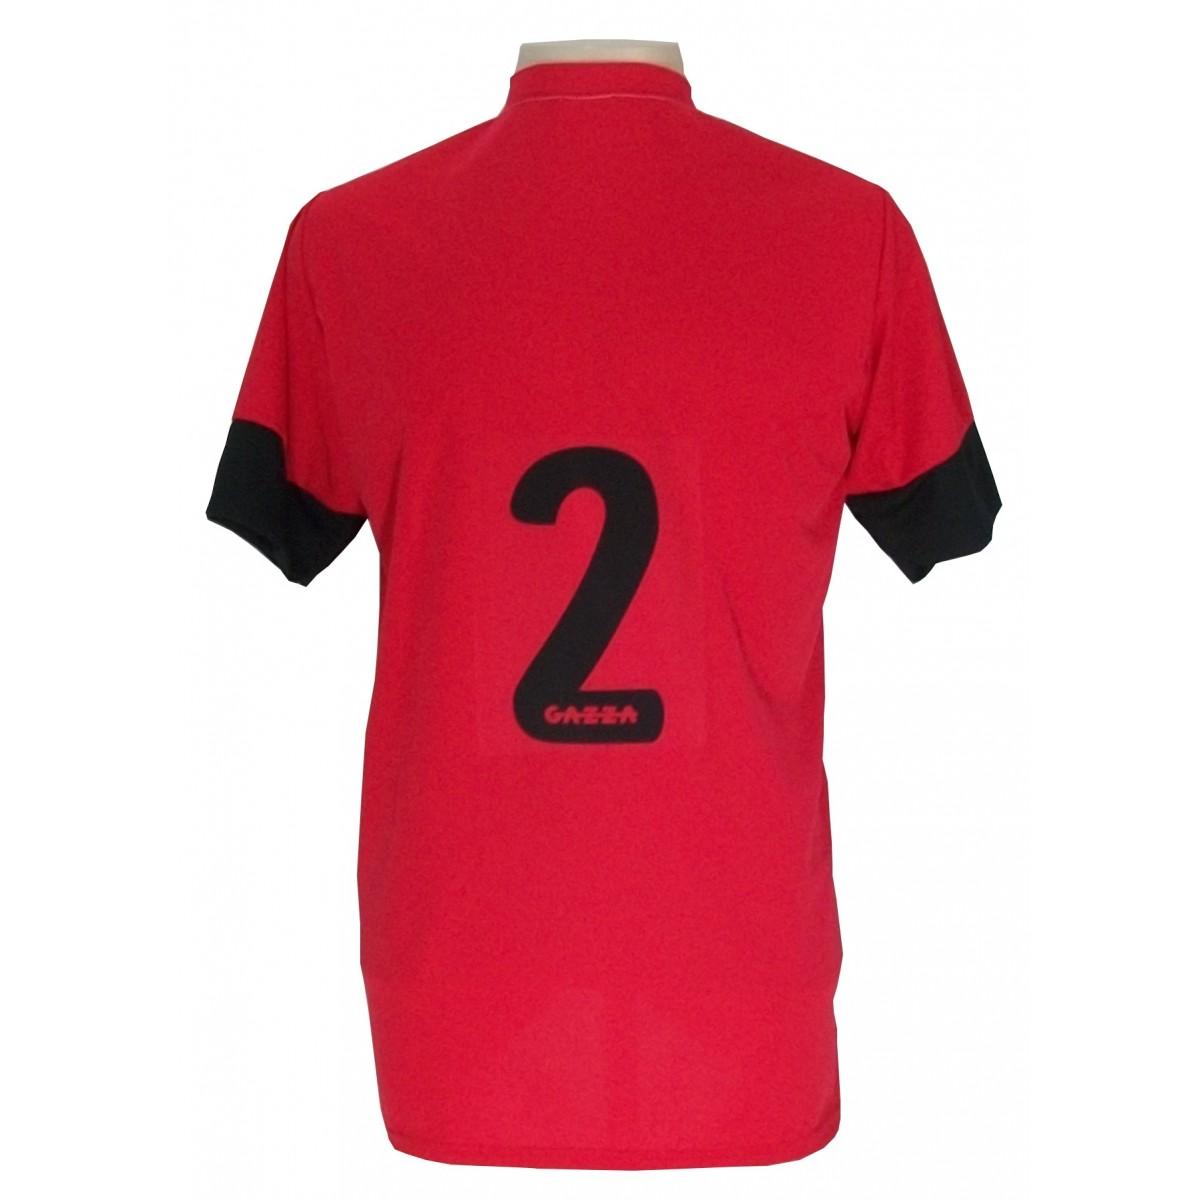 Uniforme Esportivo Completo modelo Sporting 14+1 (14 camisas Vermelho/Branco/Preto + 14 calções Madrid Vermelho + 14 pares de meiões Pretos + 1 conjunto de goleiro) + Brindes